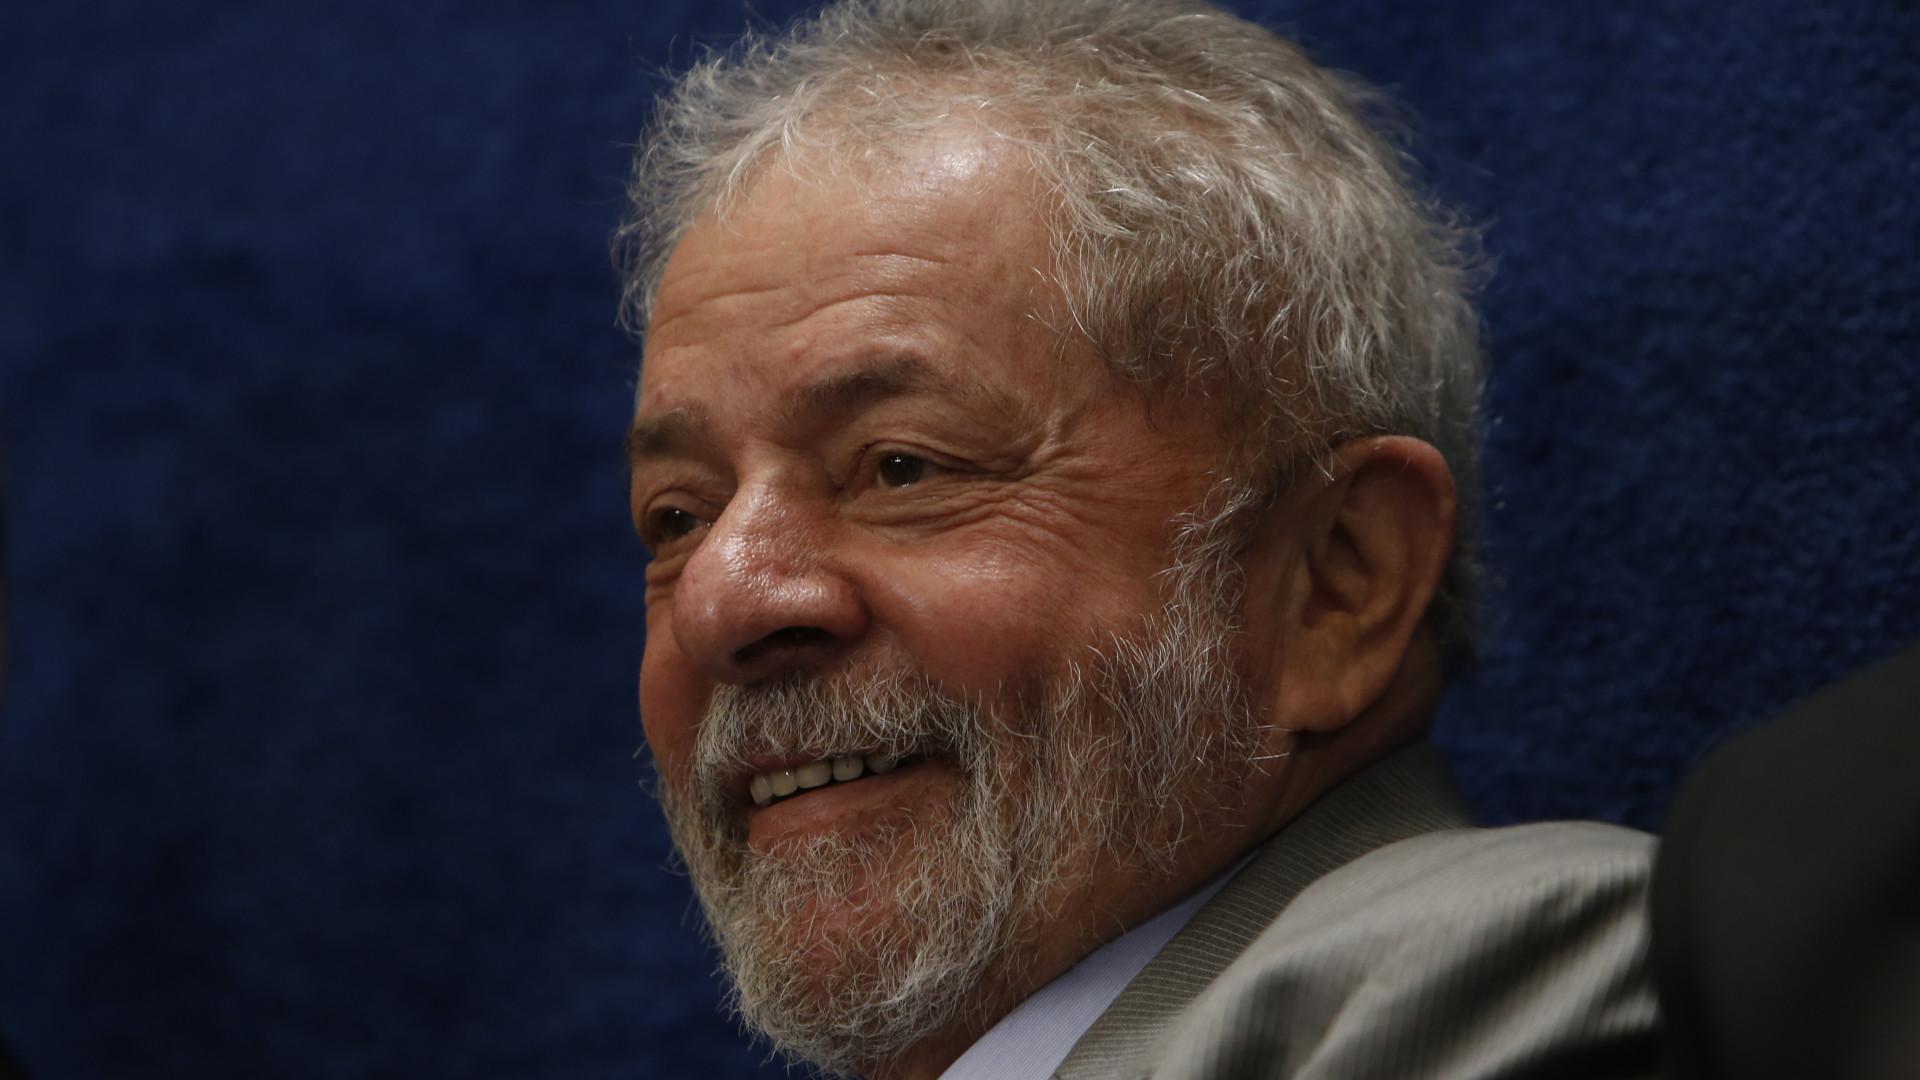 Juiz manda soltar Lula